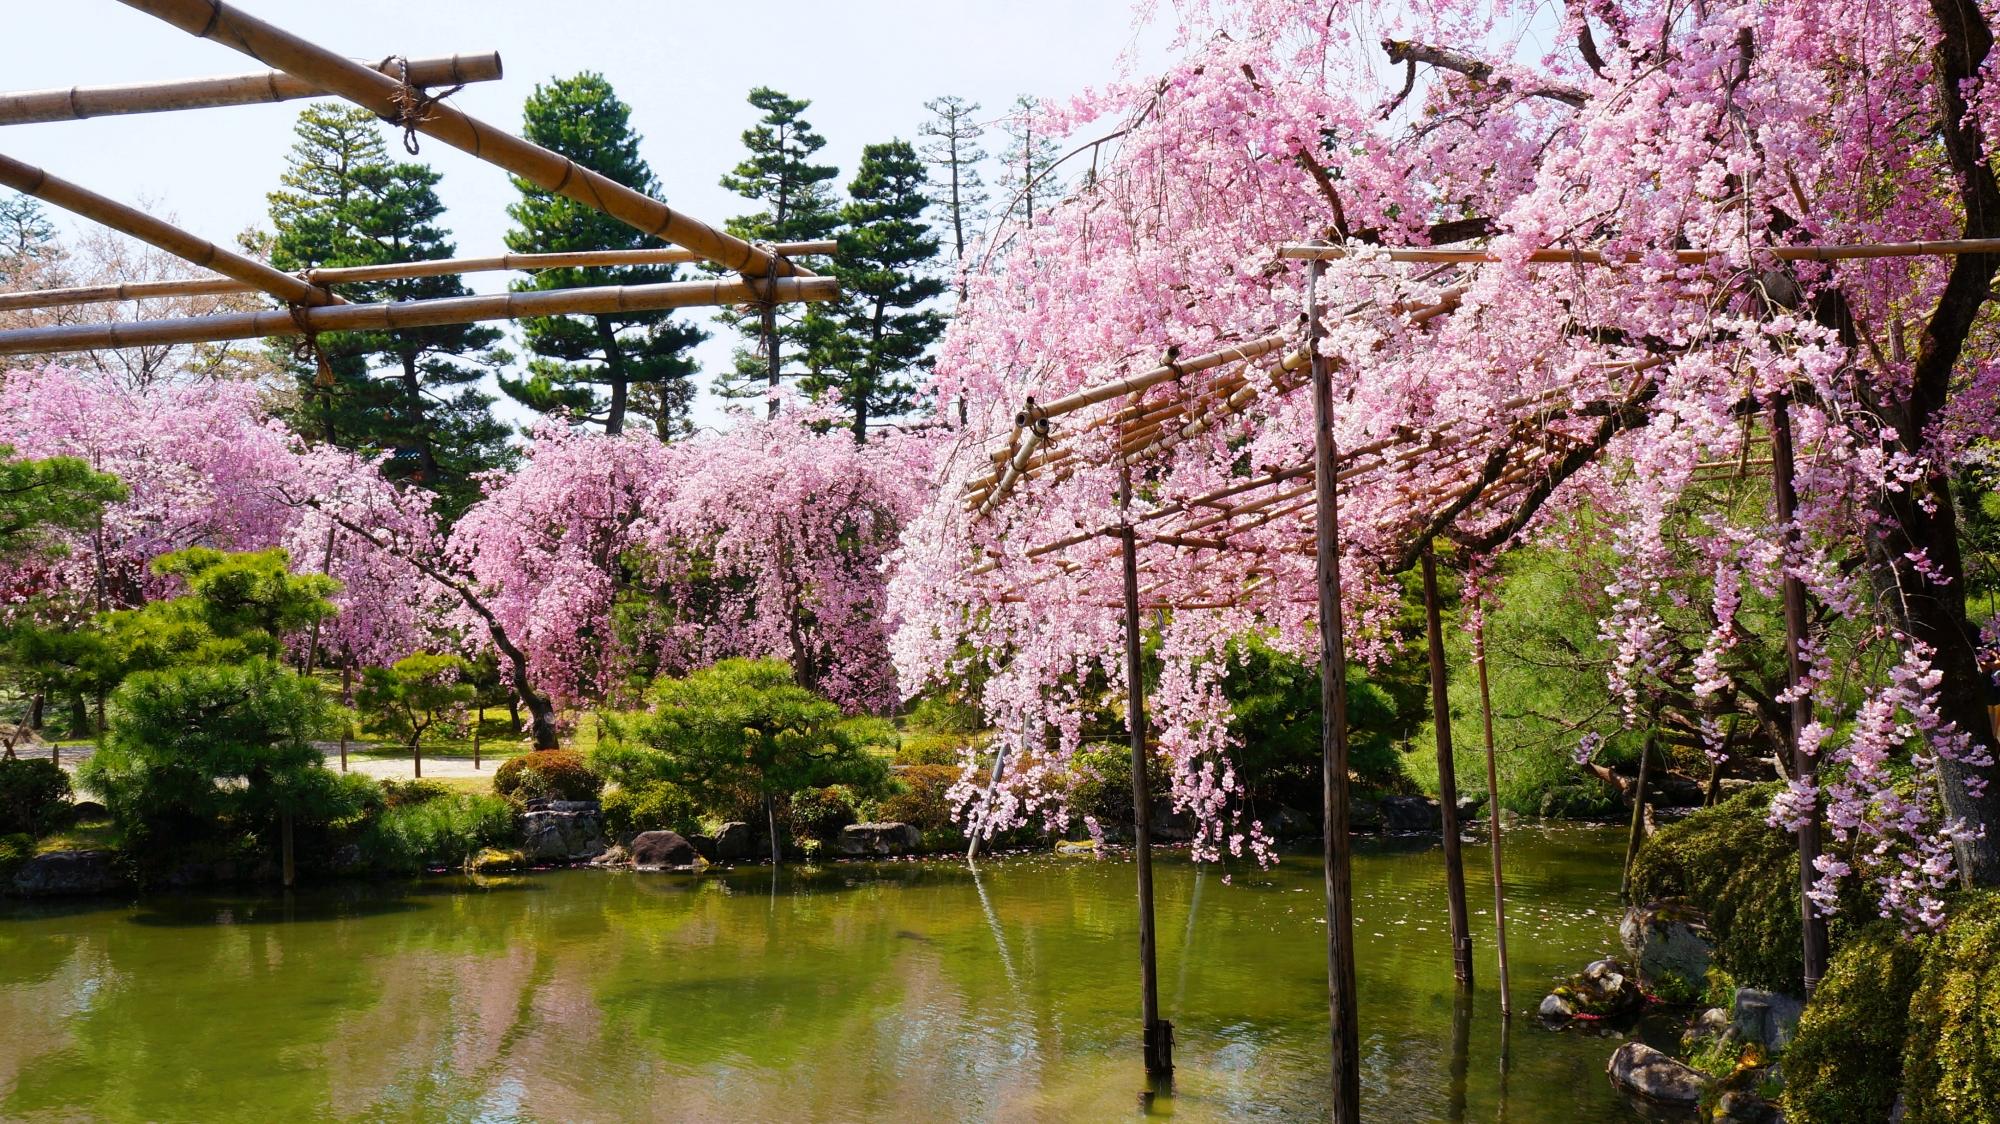 見事なしだれ桜で溢れる水と緑の神苑